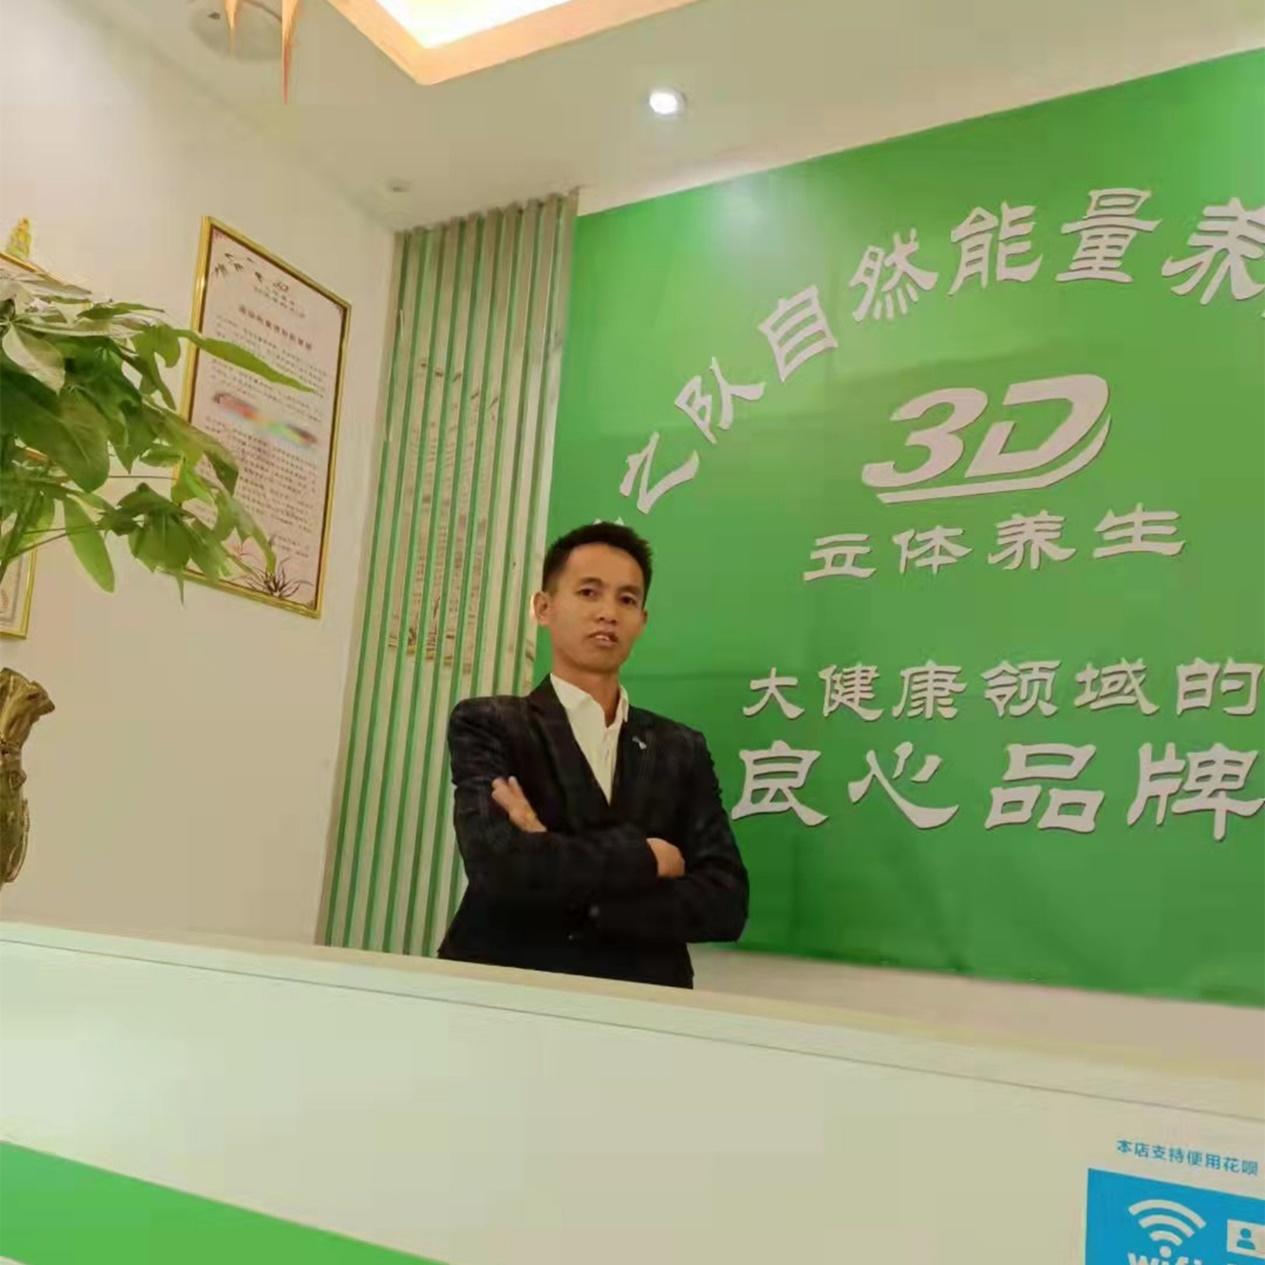 3D立体健康导师王瑞国:让自然能量养生体系为更多人送去福祉